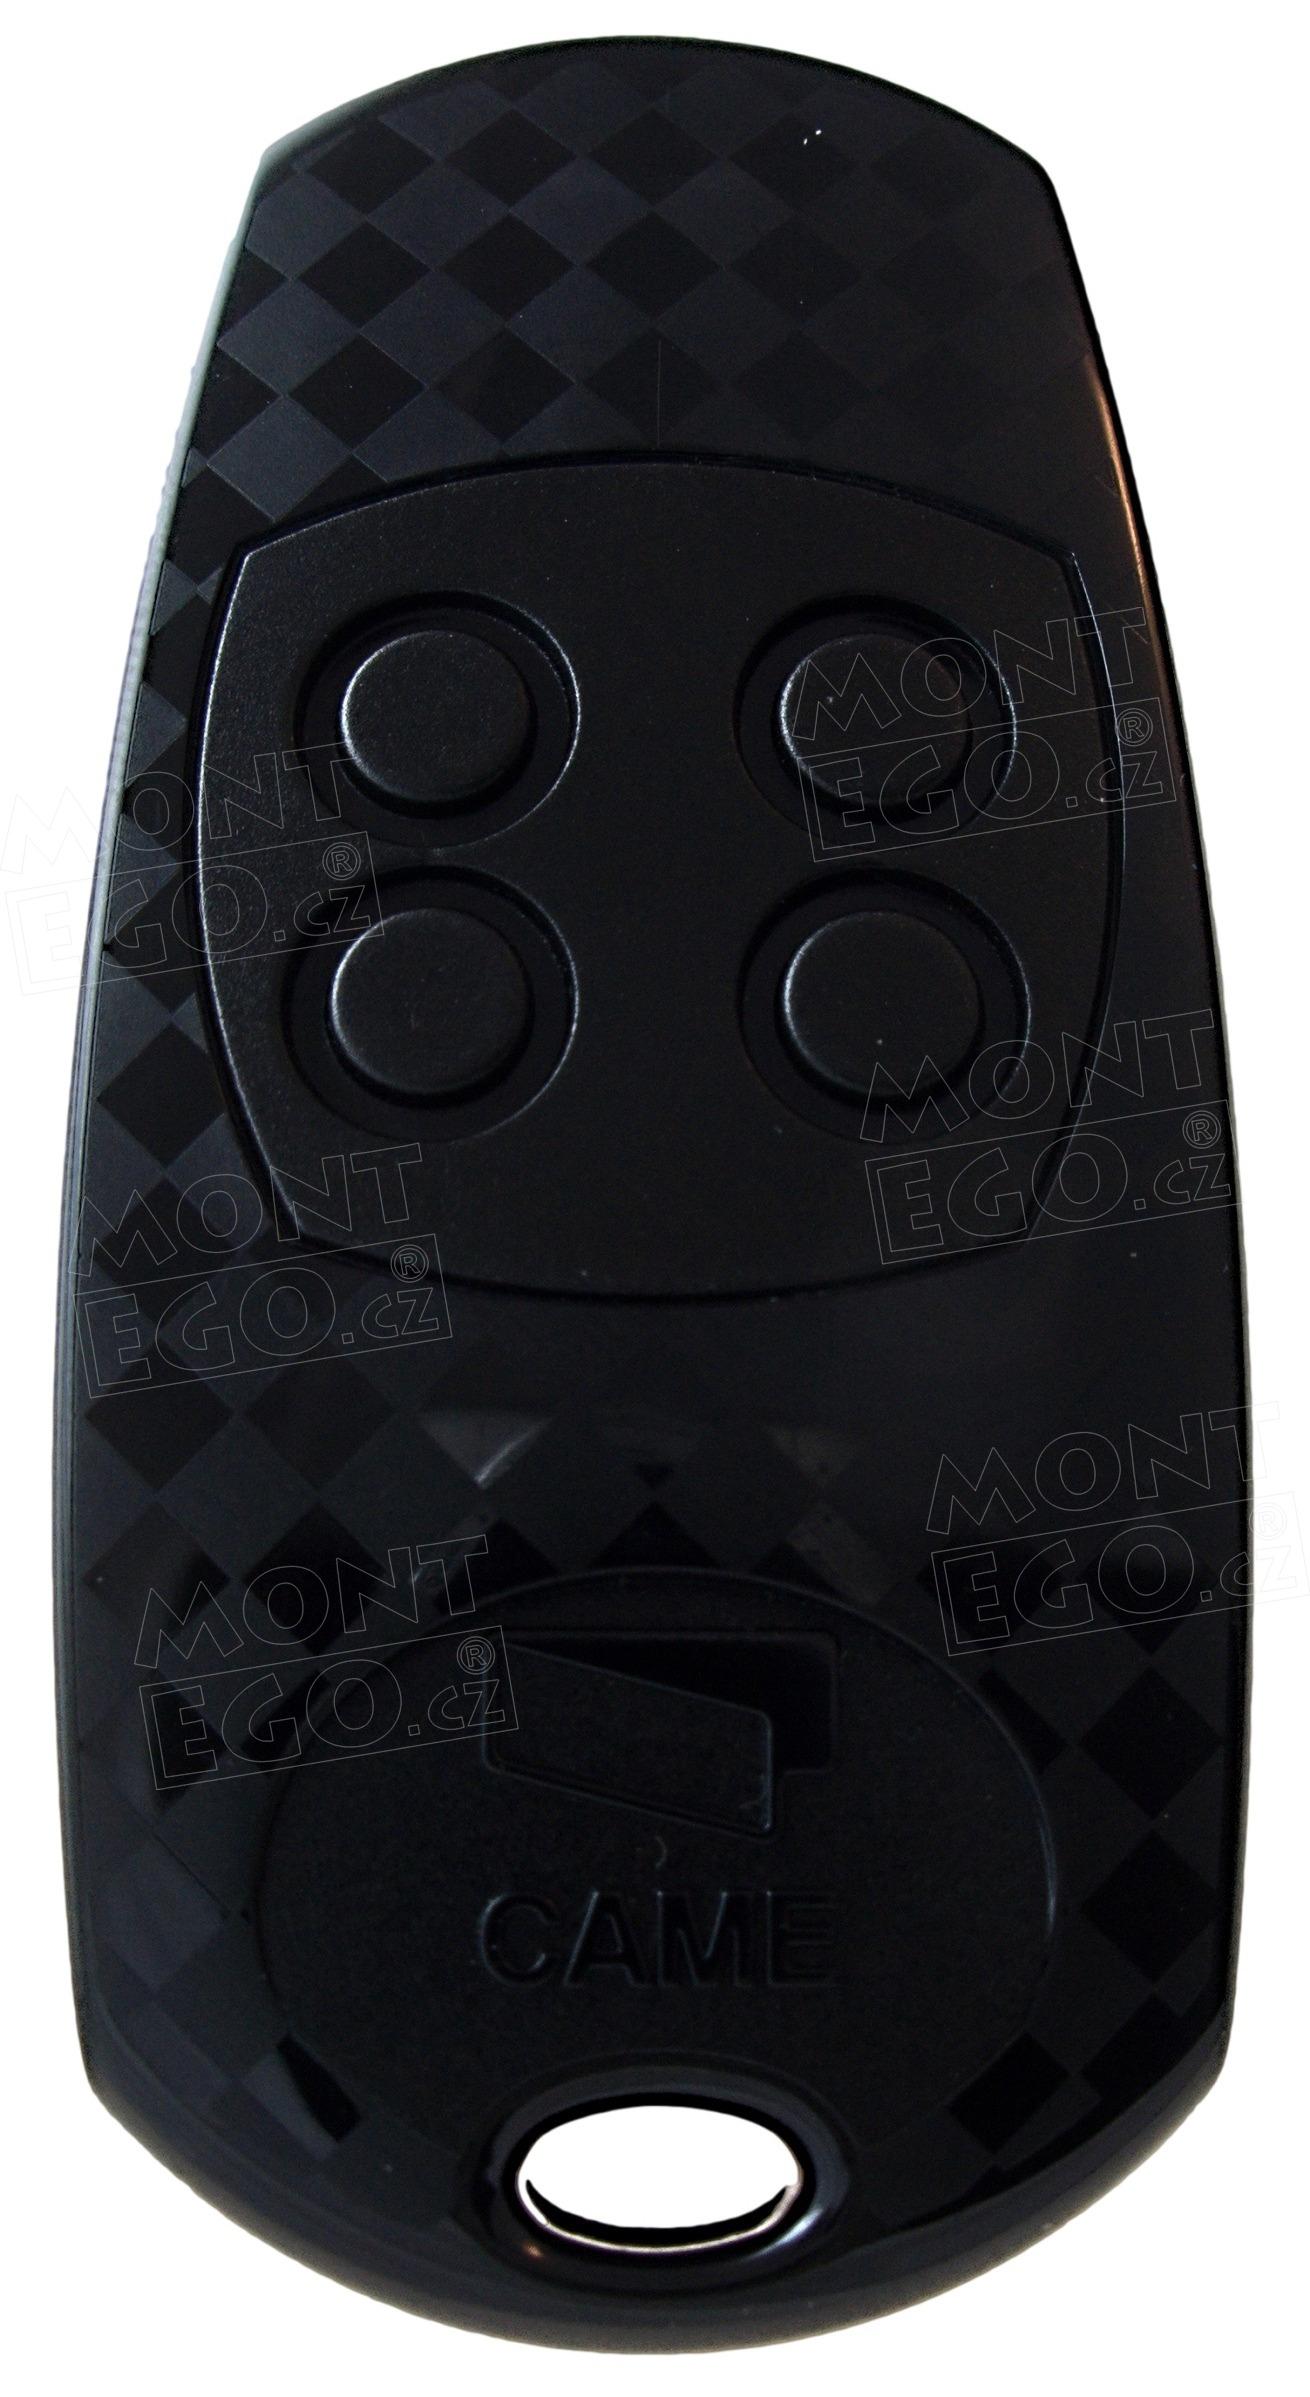 Dálkový čtyřkanálový ovládač vrat Came TOP 434EV, náhrada za TOP-434NA